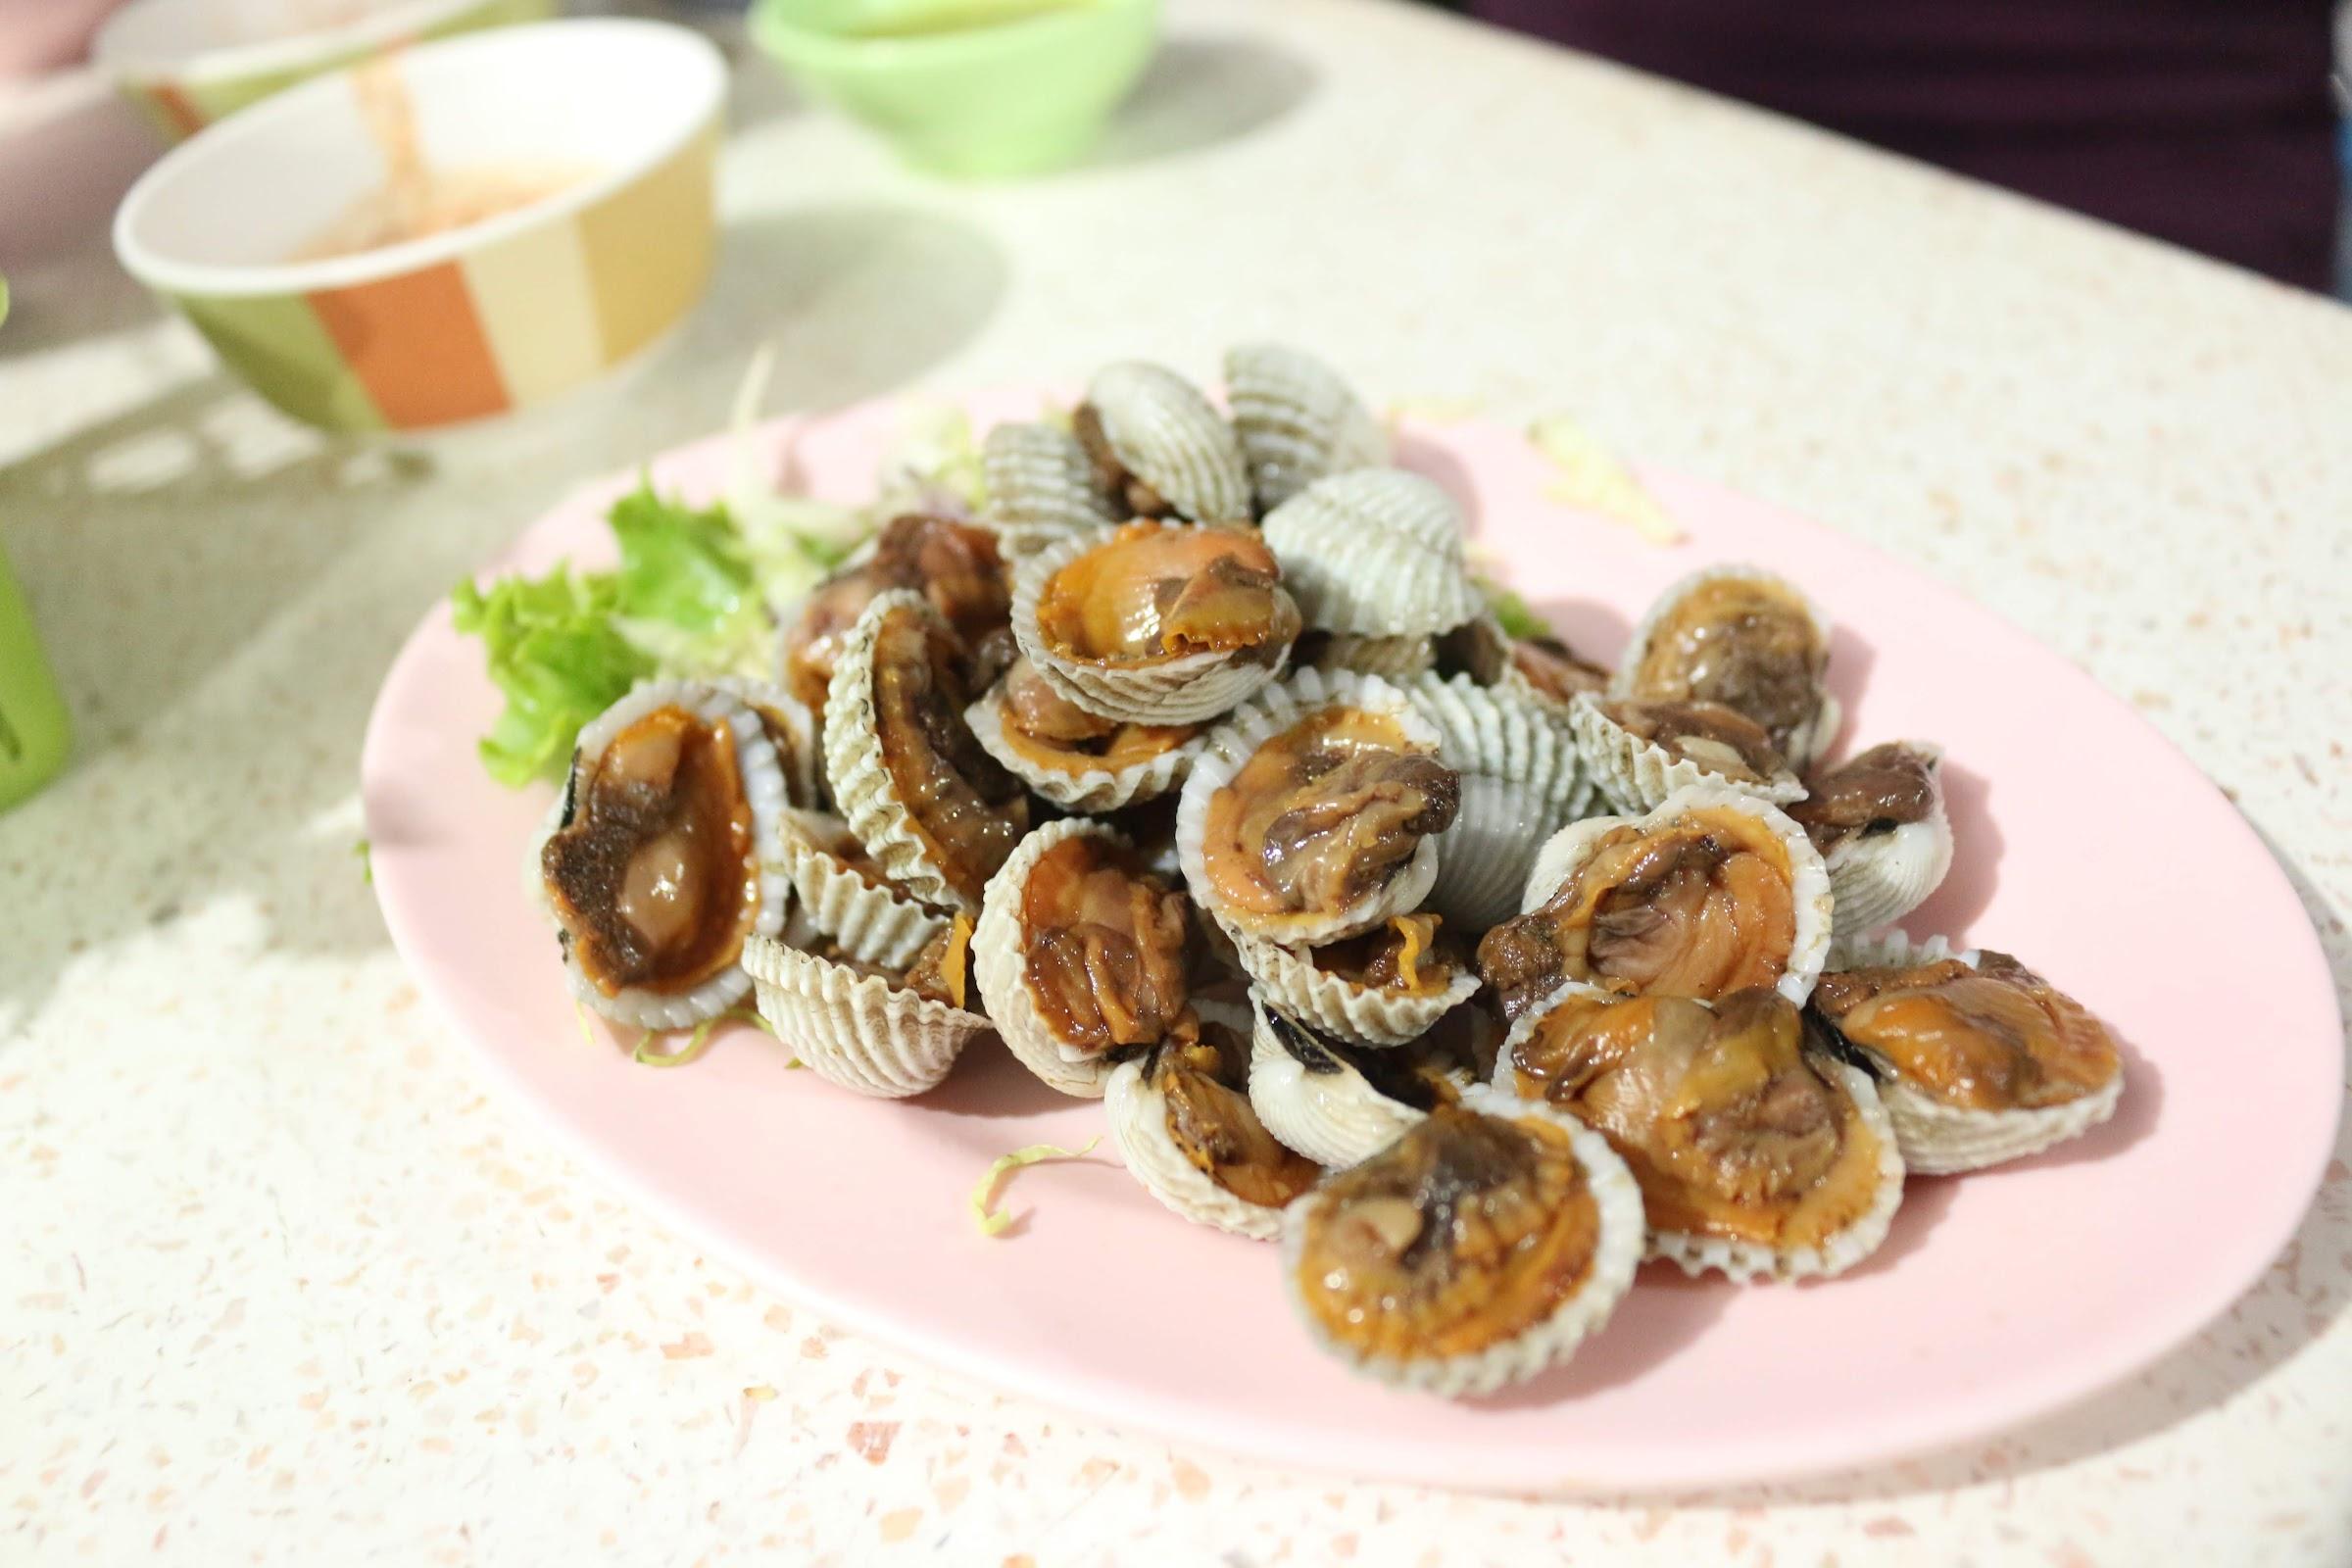 หอยแครงลวก - แจ่วฮ้อนอุบล ซ.หลังเบอร์ด๊อก